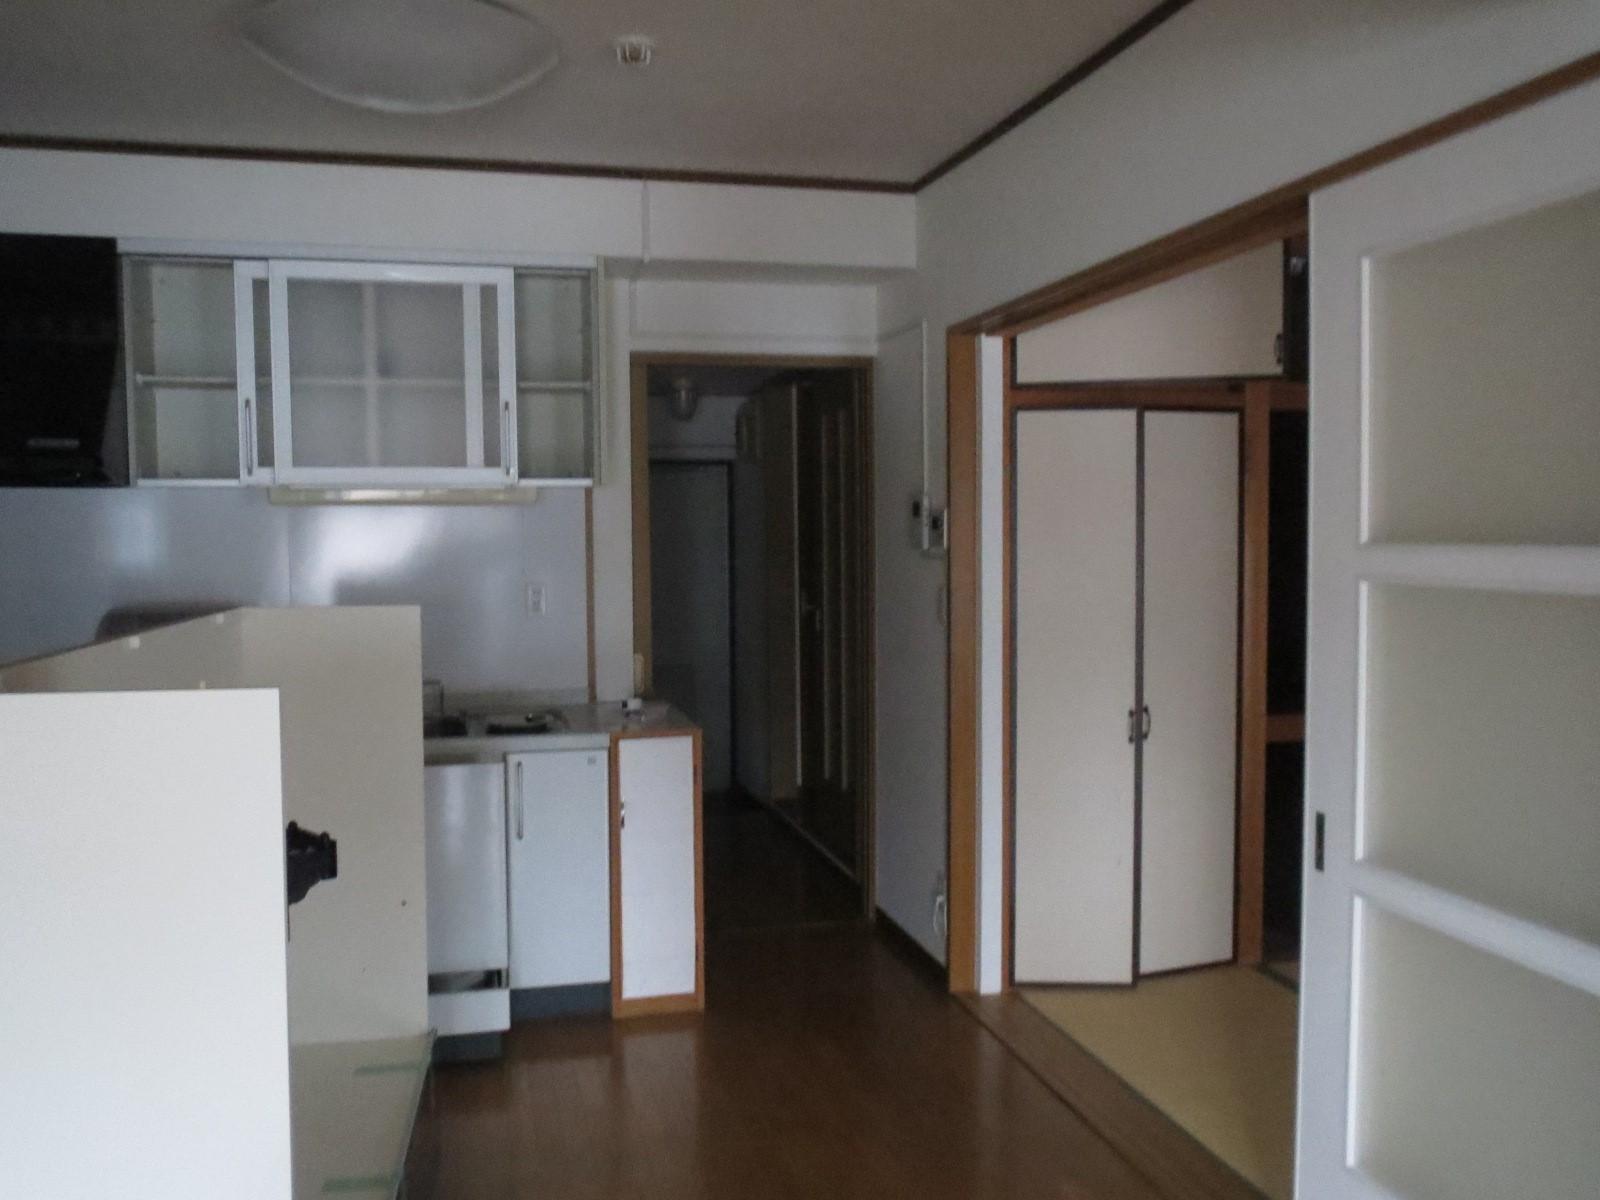 長崎市T様邸 LIXILメンバーズコンテスト2018 敢闘賞受賞